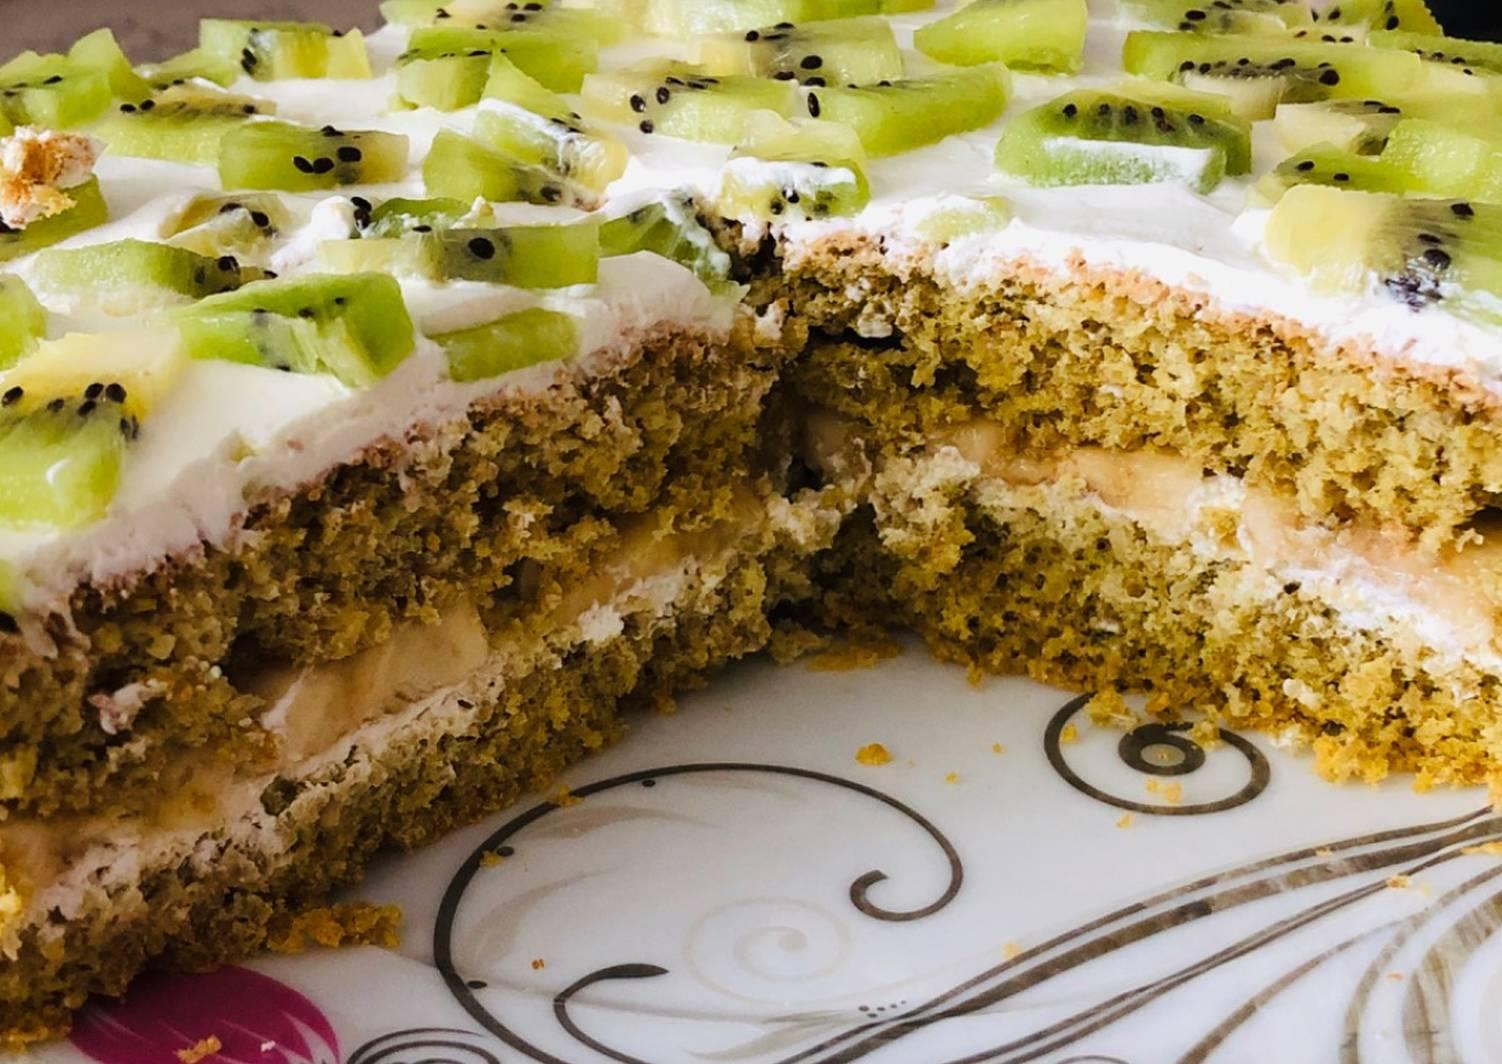 Диетические пп тортики: простые рецепты для тех, кто на диете